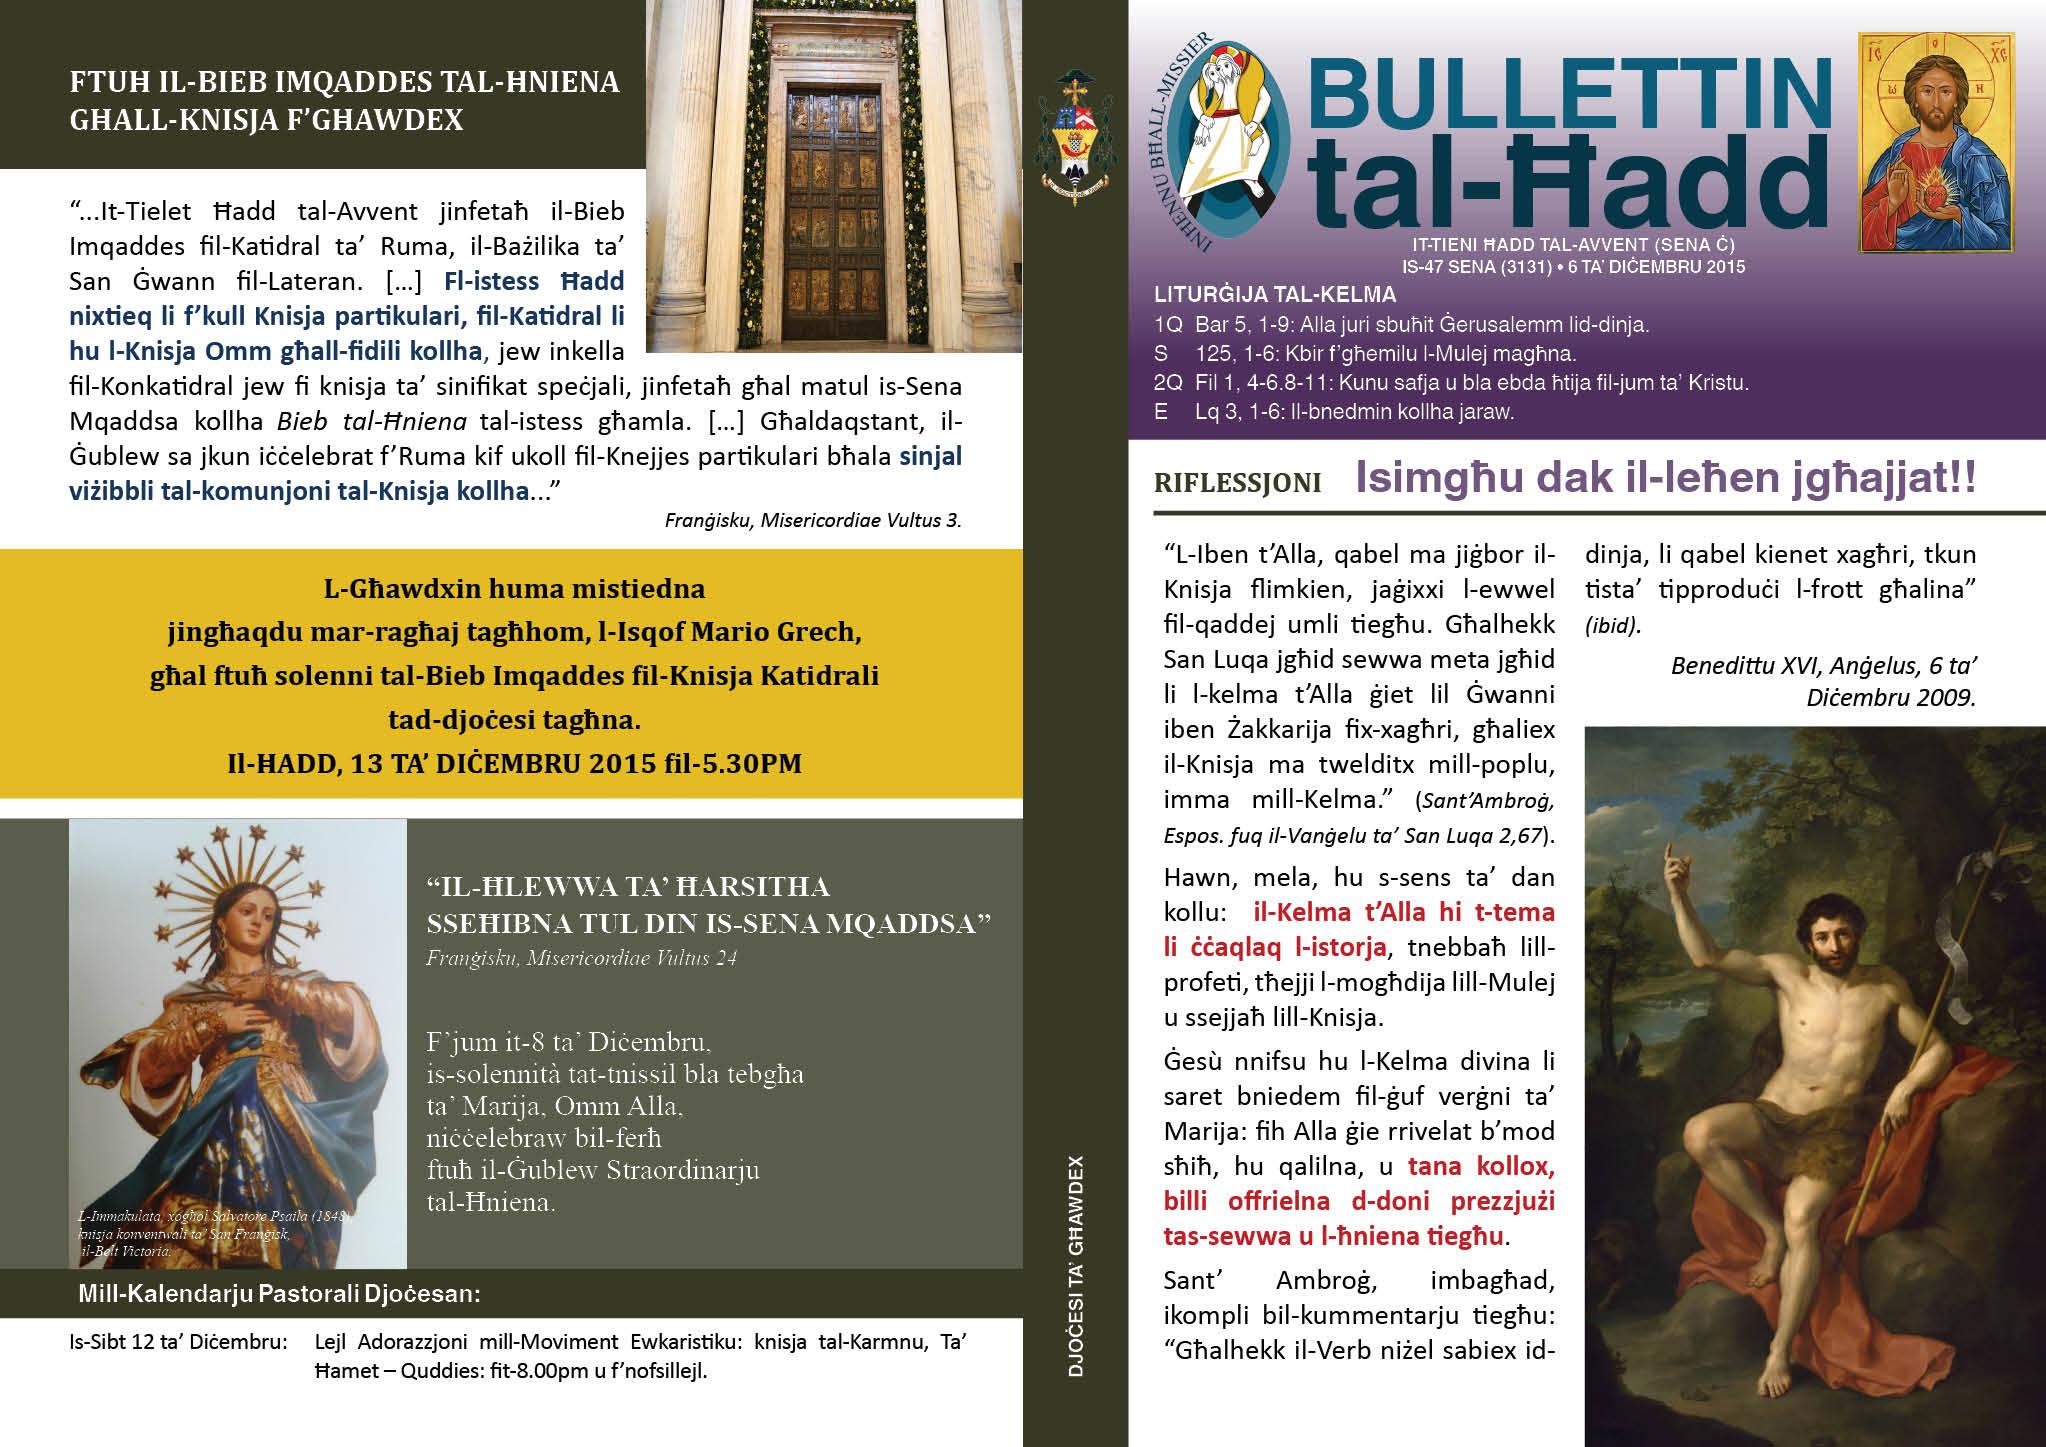 bullettin-2015-dicembru-06.jpg